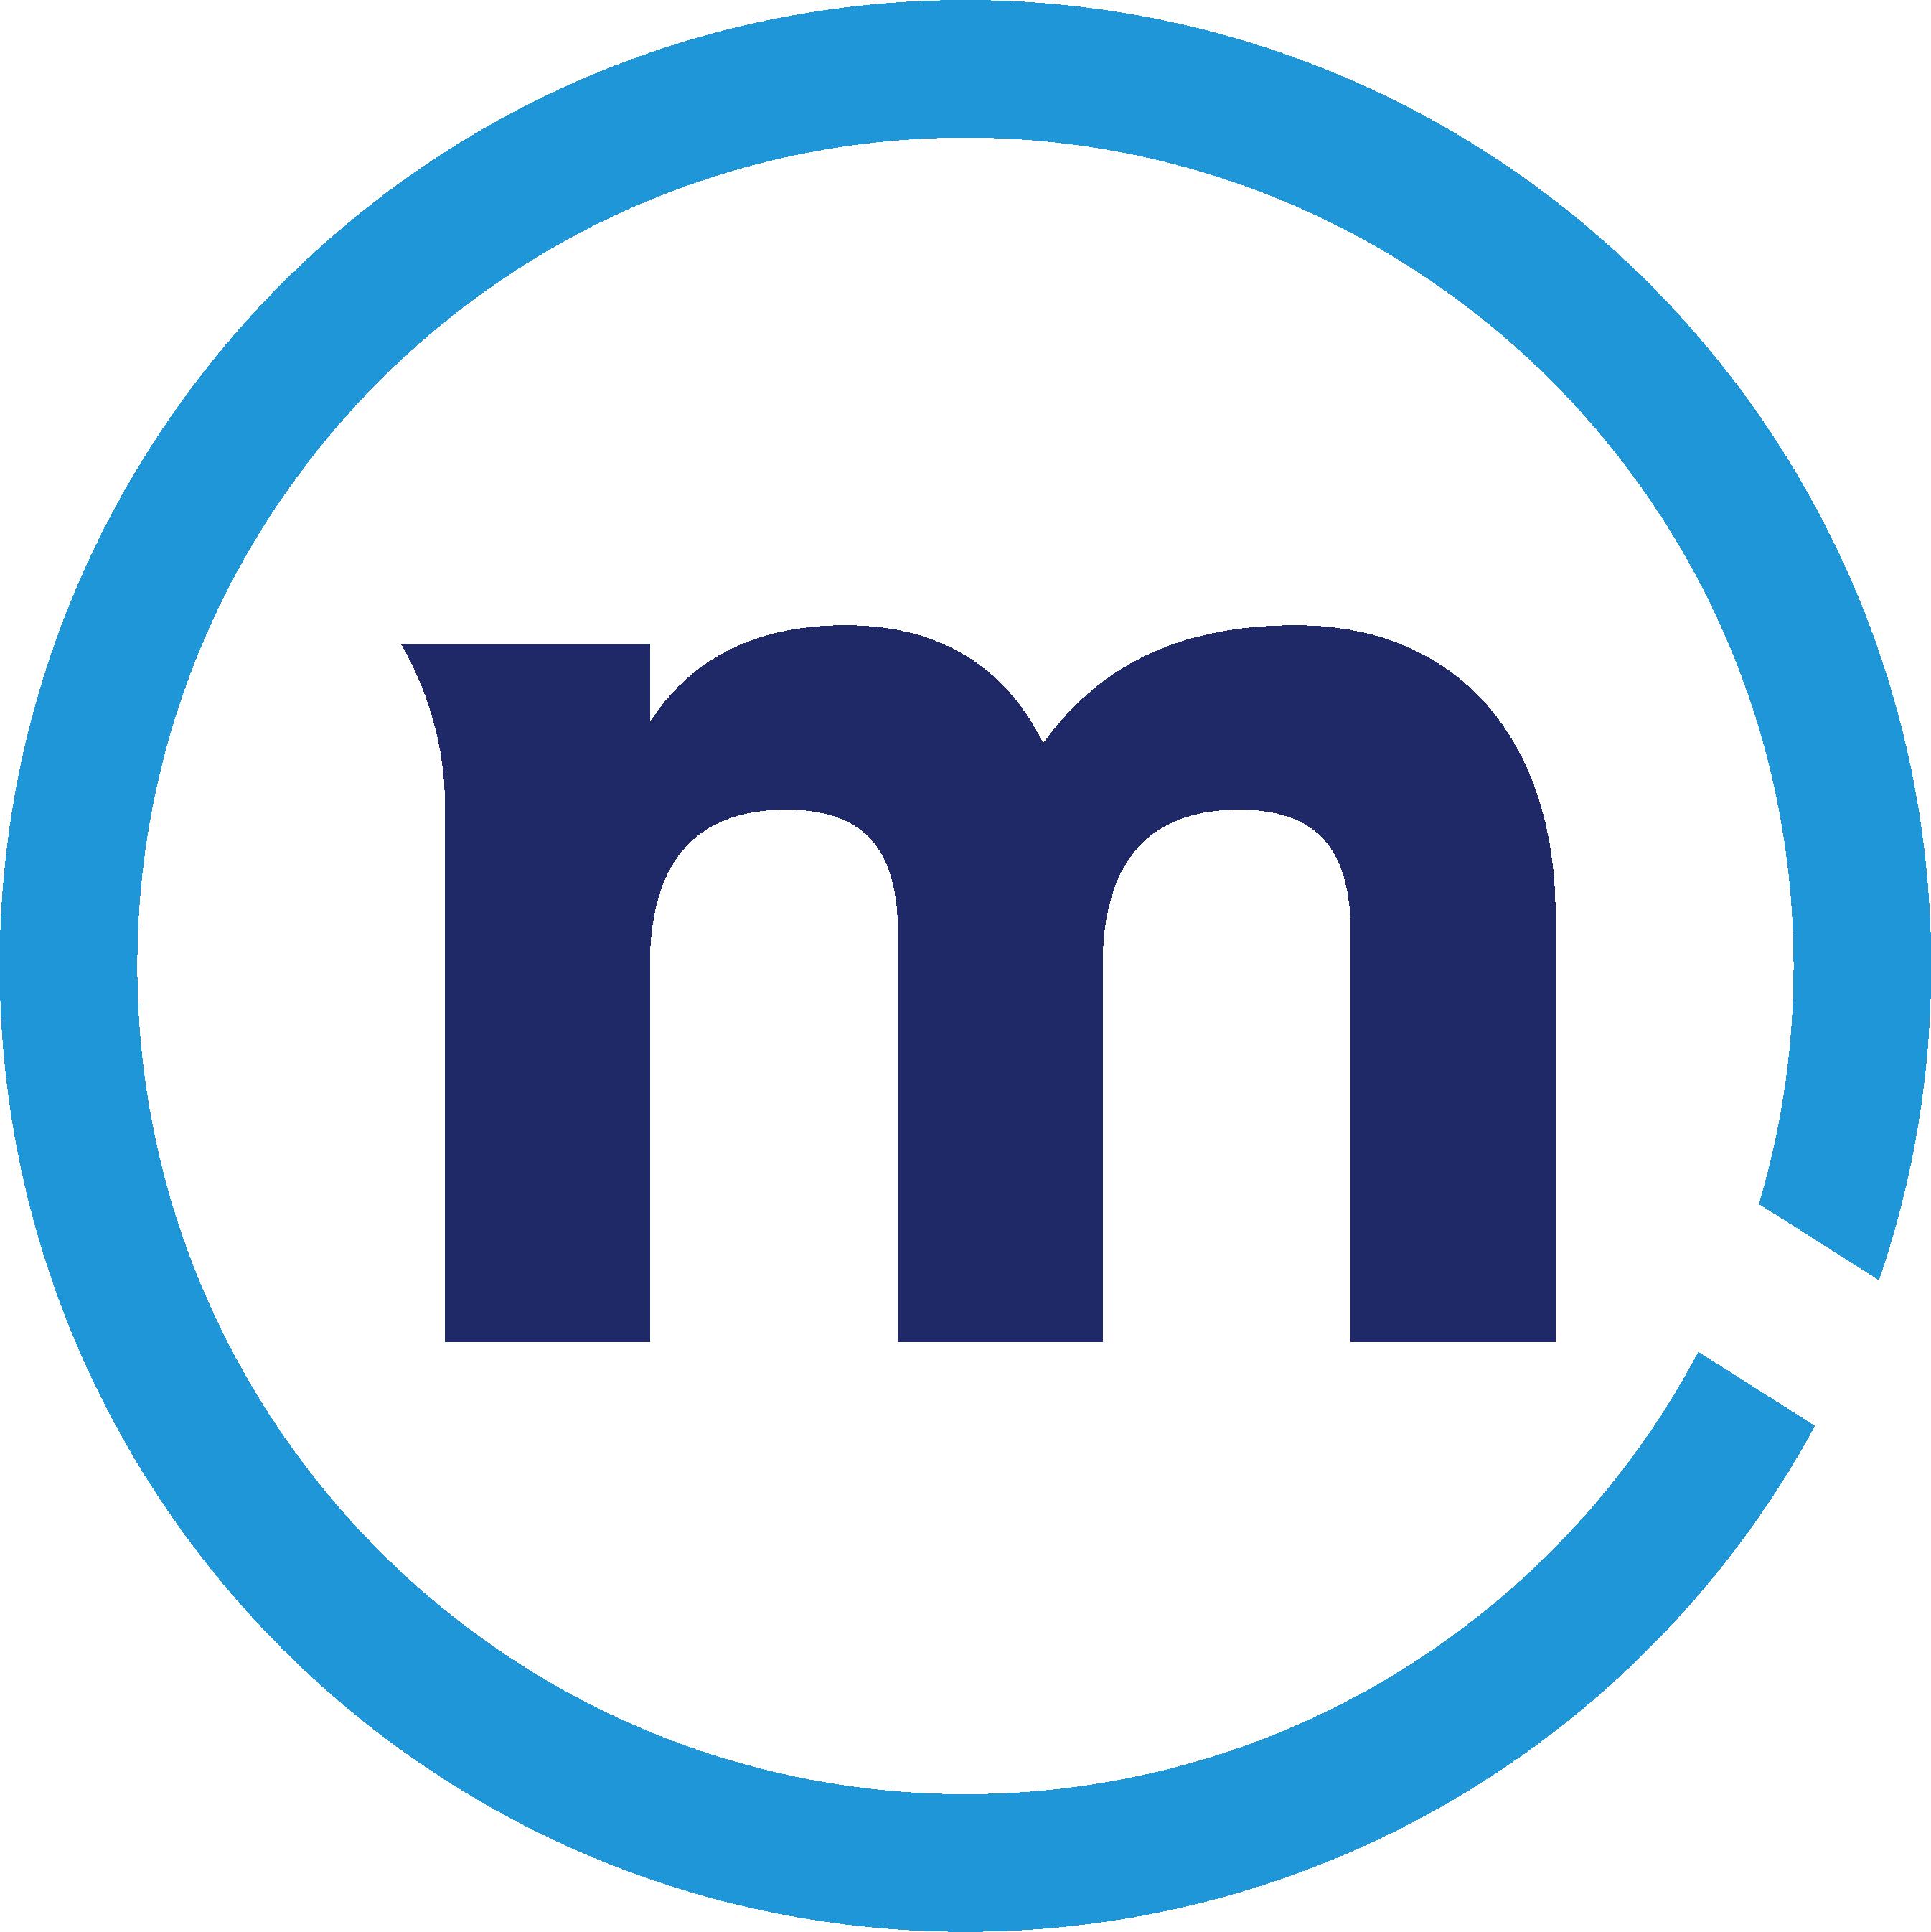 Nuevo Logo De Banco Mediolanum Banco Mediolanum